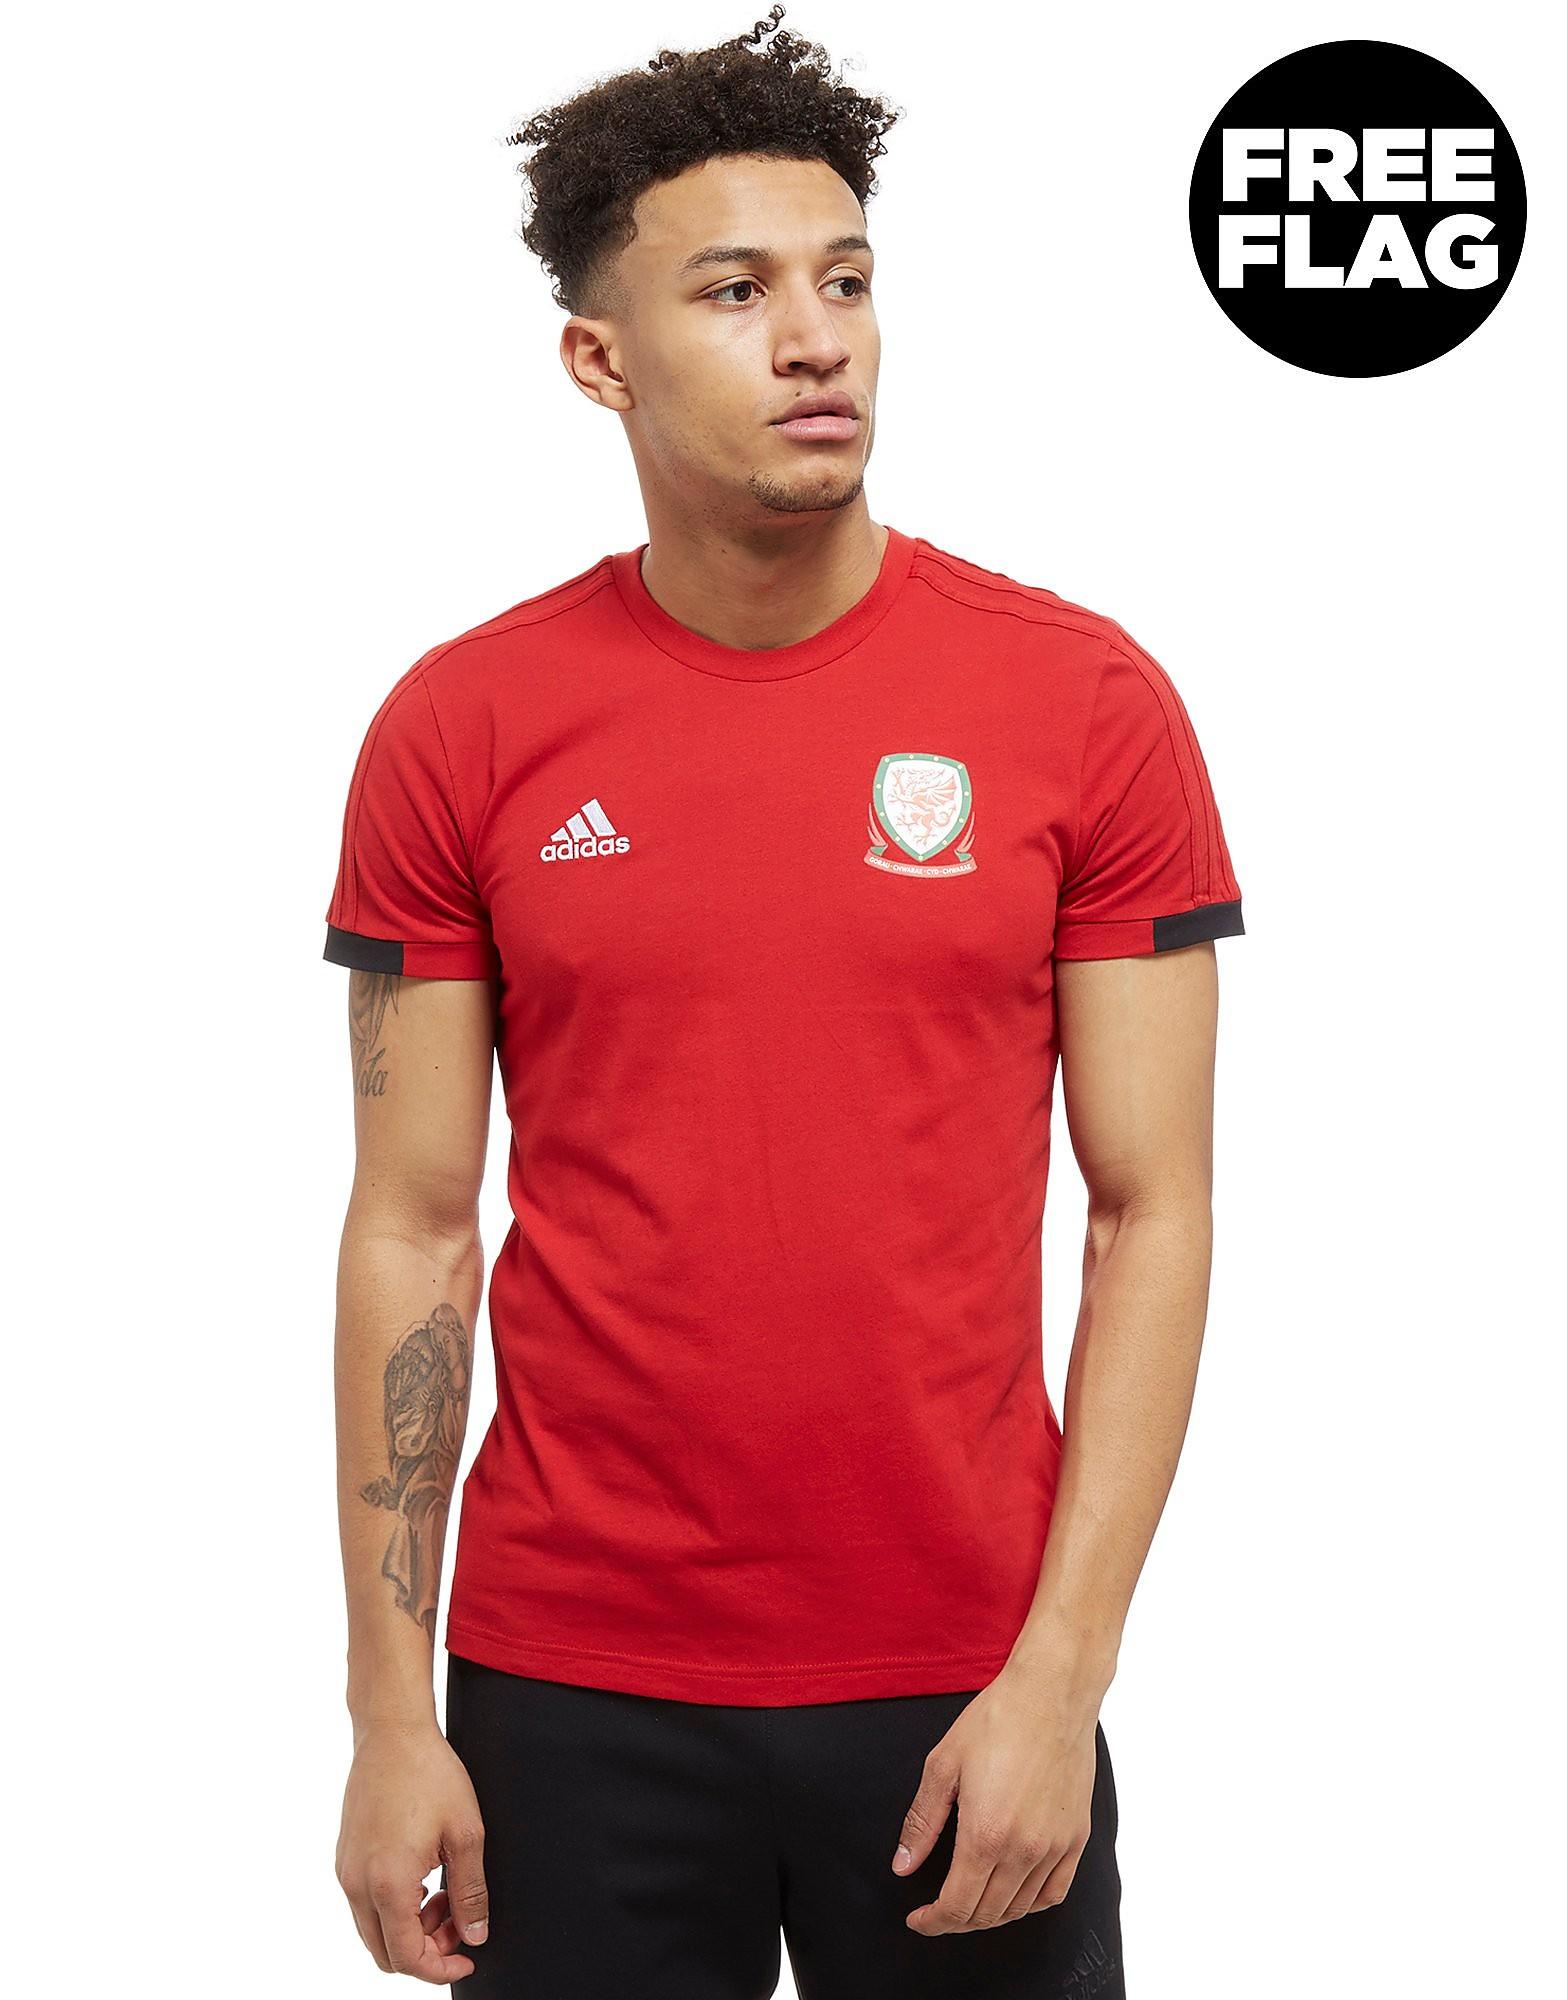 adidas FA Wales 2018 T-Shirt